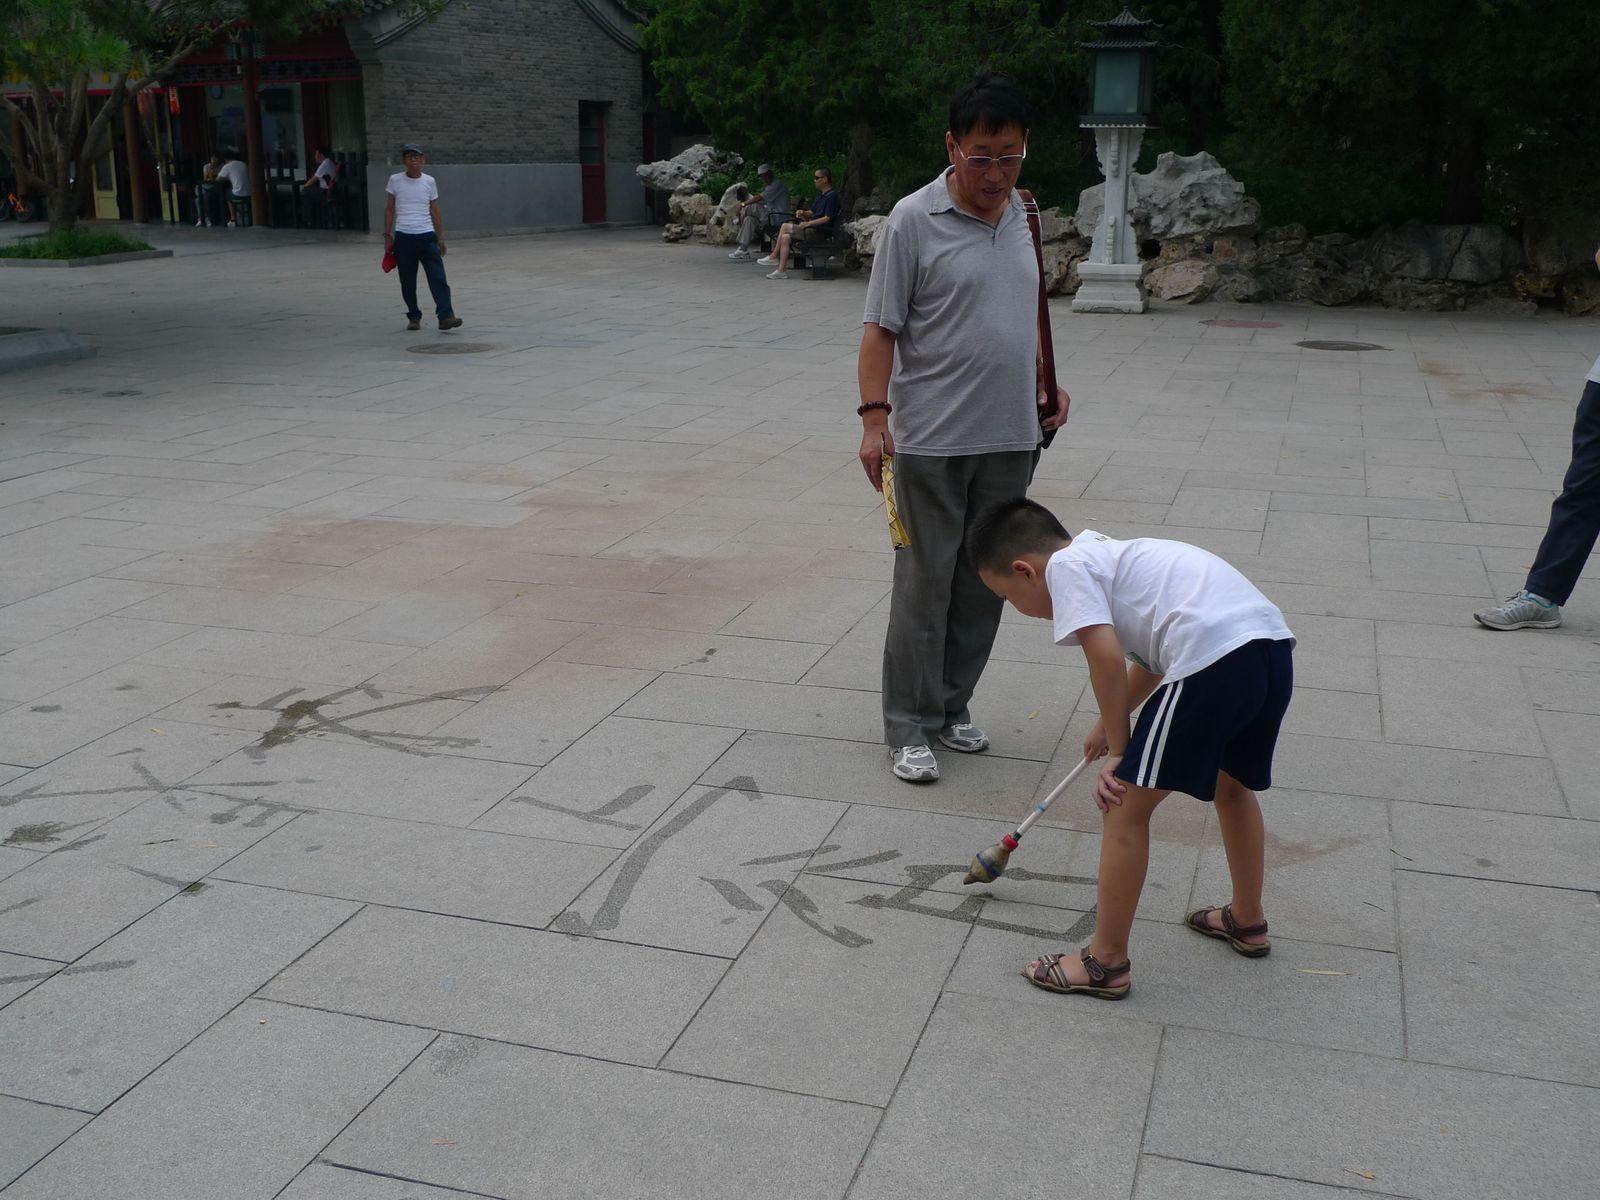 Pekin vers Tian'anmen